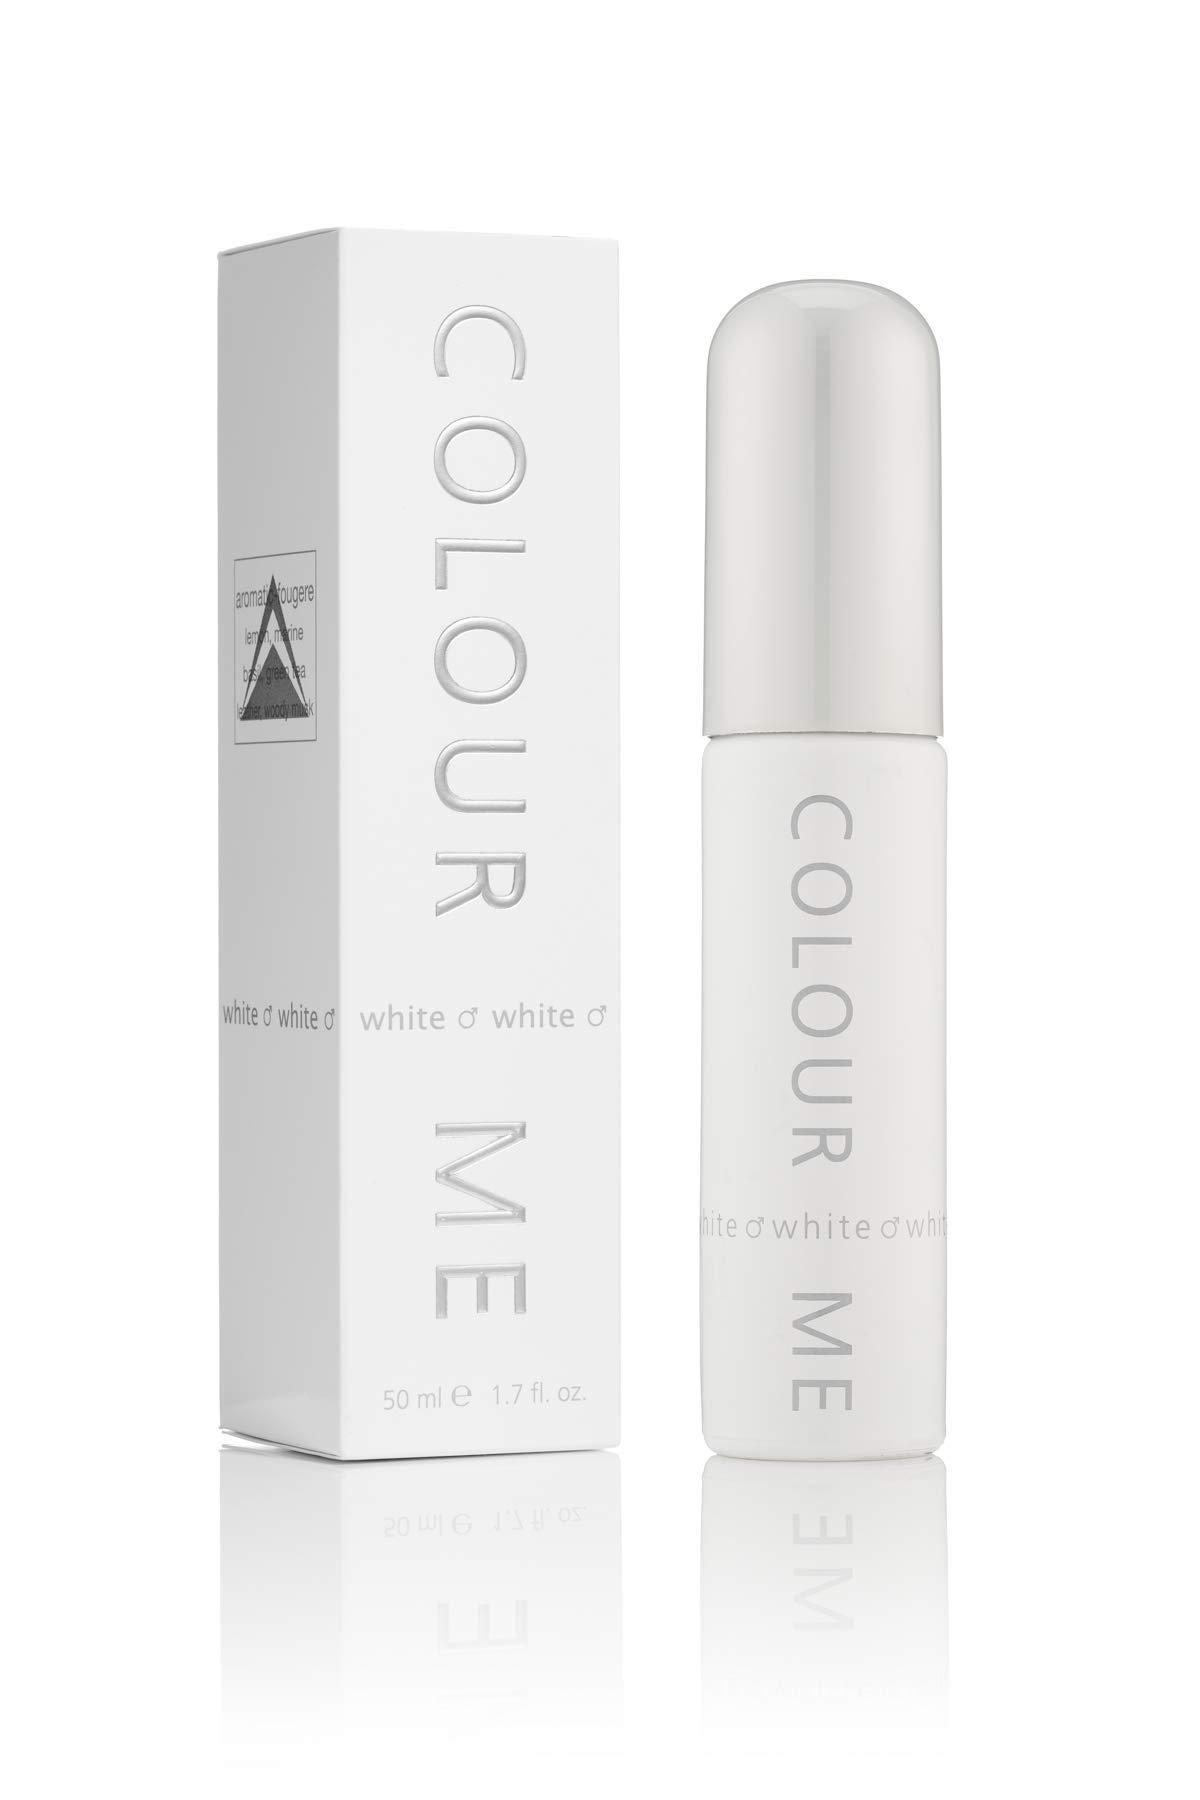 Colour Me | White | Eau de Toilette | Fragrance Spray for Men | Aromatic Fougere Scent | 1.7 oz